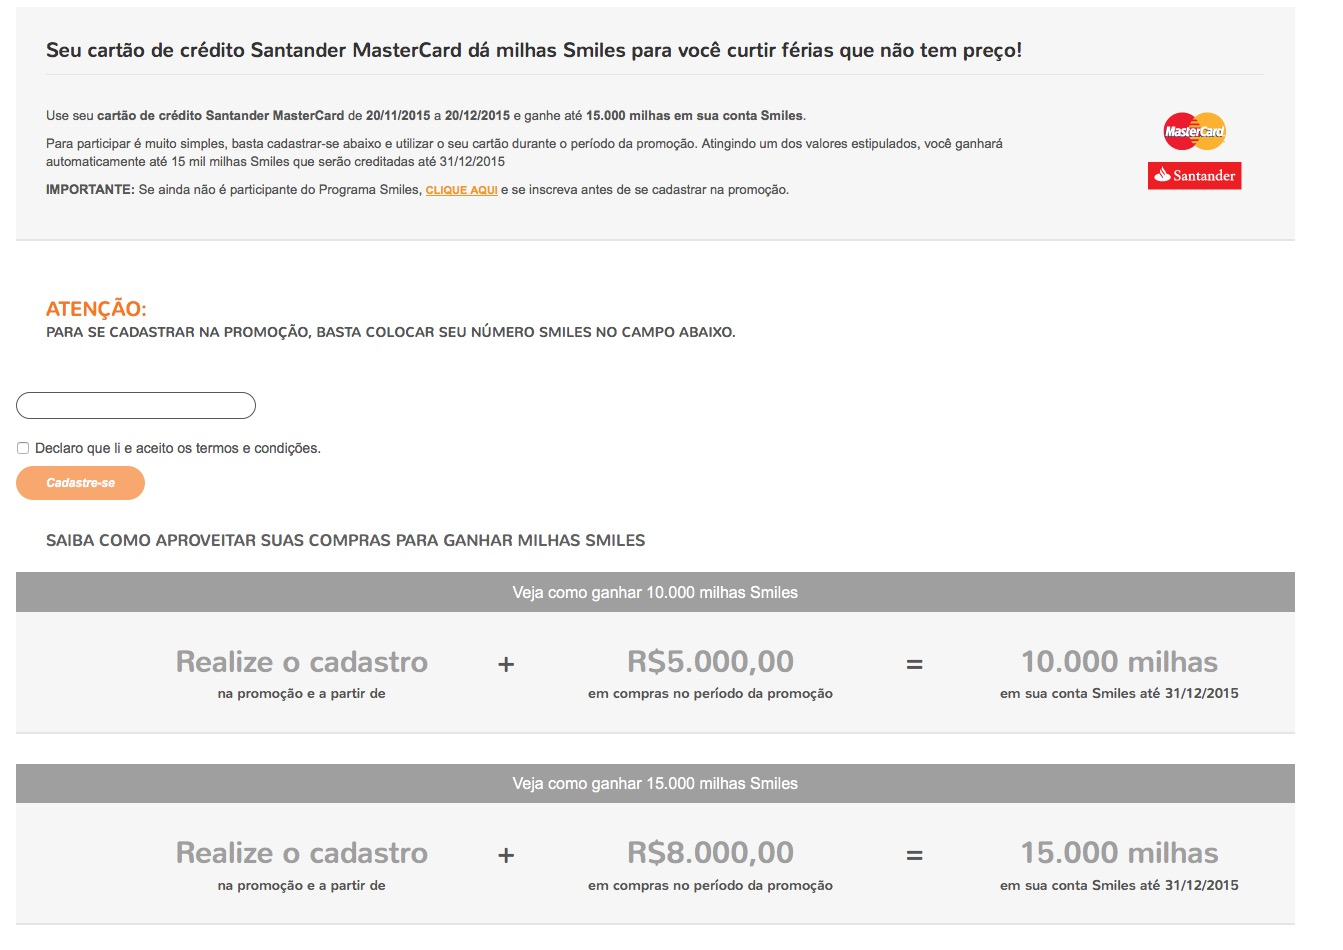 Exclusivo! Smiles lança promoção com Santander Mastercard que permite o ganho de até 15.000 milhas extras!